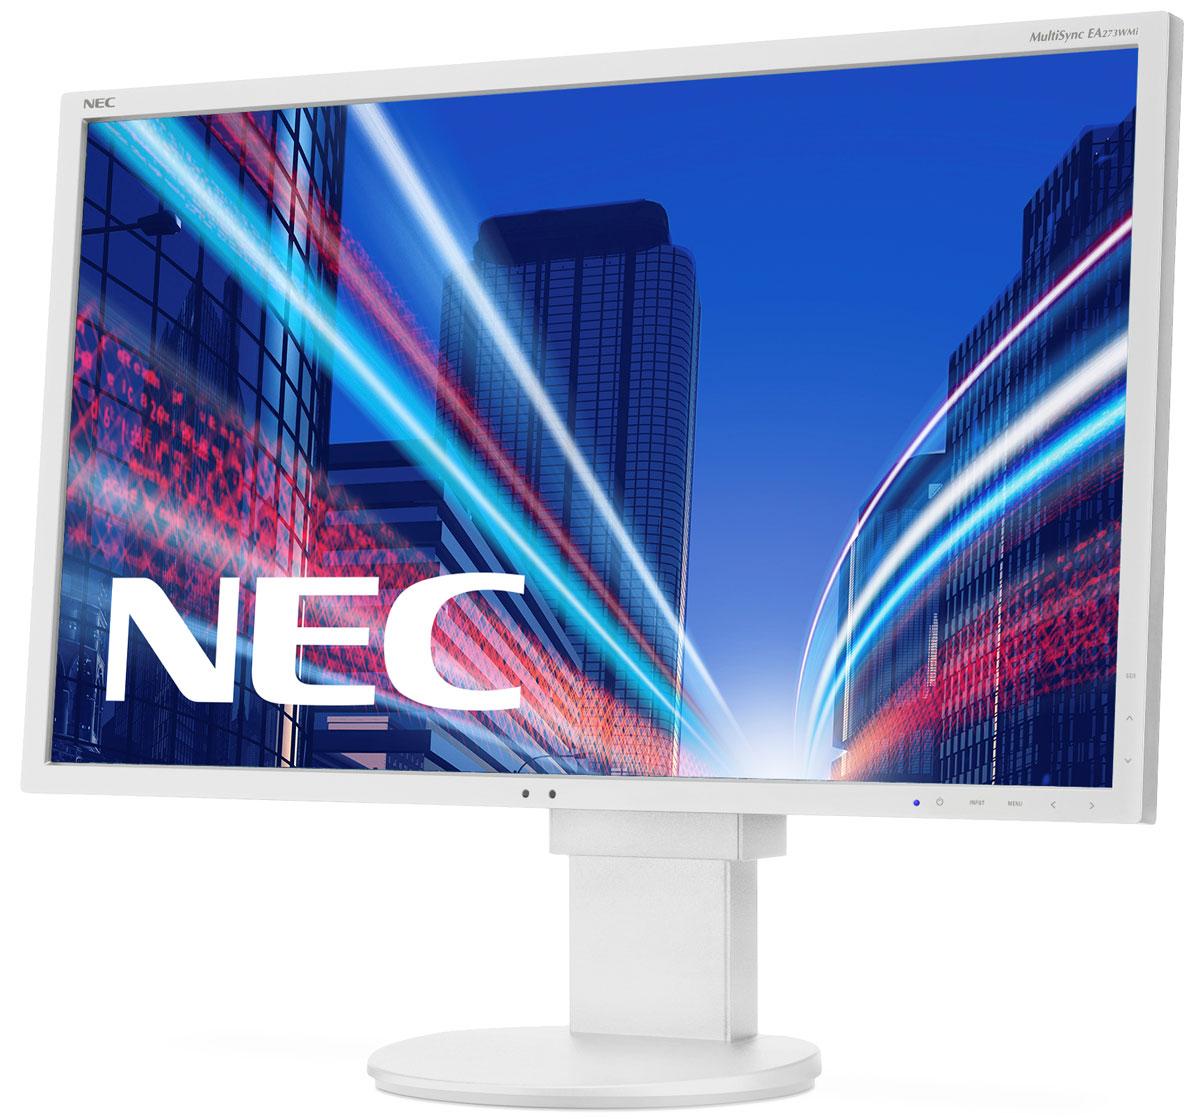 NEC EA273WMi, White мониторEA273WMiМонитор NEC EA273WMi обладает очень тонкой 27-дюймовой панелью с разрешением 1920 x 1080, а также светодиодной подсветкой и IPS-технологией, что обеспечивает ультрасовременный и ультратонкий дизайн.Датчик внешней освещенности и датчик присутствия являются стандартными характеристиками данной модели, кроме того, она обладает улучшенными эргономическими характеристиками, например, механизмом регулирования высоты до 130 мм.Эргономическое исполнение данного дисплея улучшено с помощью довольно большого шага расположения точек для обеспечения простого чтения текста, что дополняет отличное качество изображения благодаря IPS-технологии. Кроме того, дисплей также располагает перспективными возможностями соединения через различные интерфейсы.Датчик рассеянного света - благодаря функции автоматической яркости Auto Brightness всегда можно оптимизировать уровень яркости в зависимости от освещения и условий изображения. Датчик присутствия - определяет присутствие человека перед экраном и автоматически включает или выключает экран для экономии электроэнергии. Встроенные динамики, гнездо для подключения наушников и USB-порты обеспечивают отличные опции для офисной коммуникации.